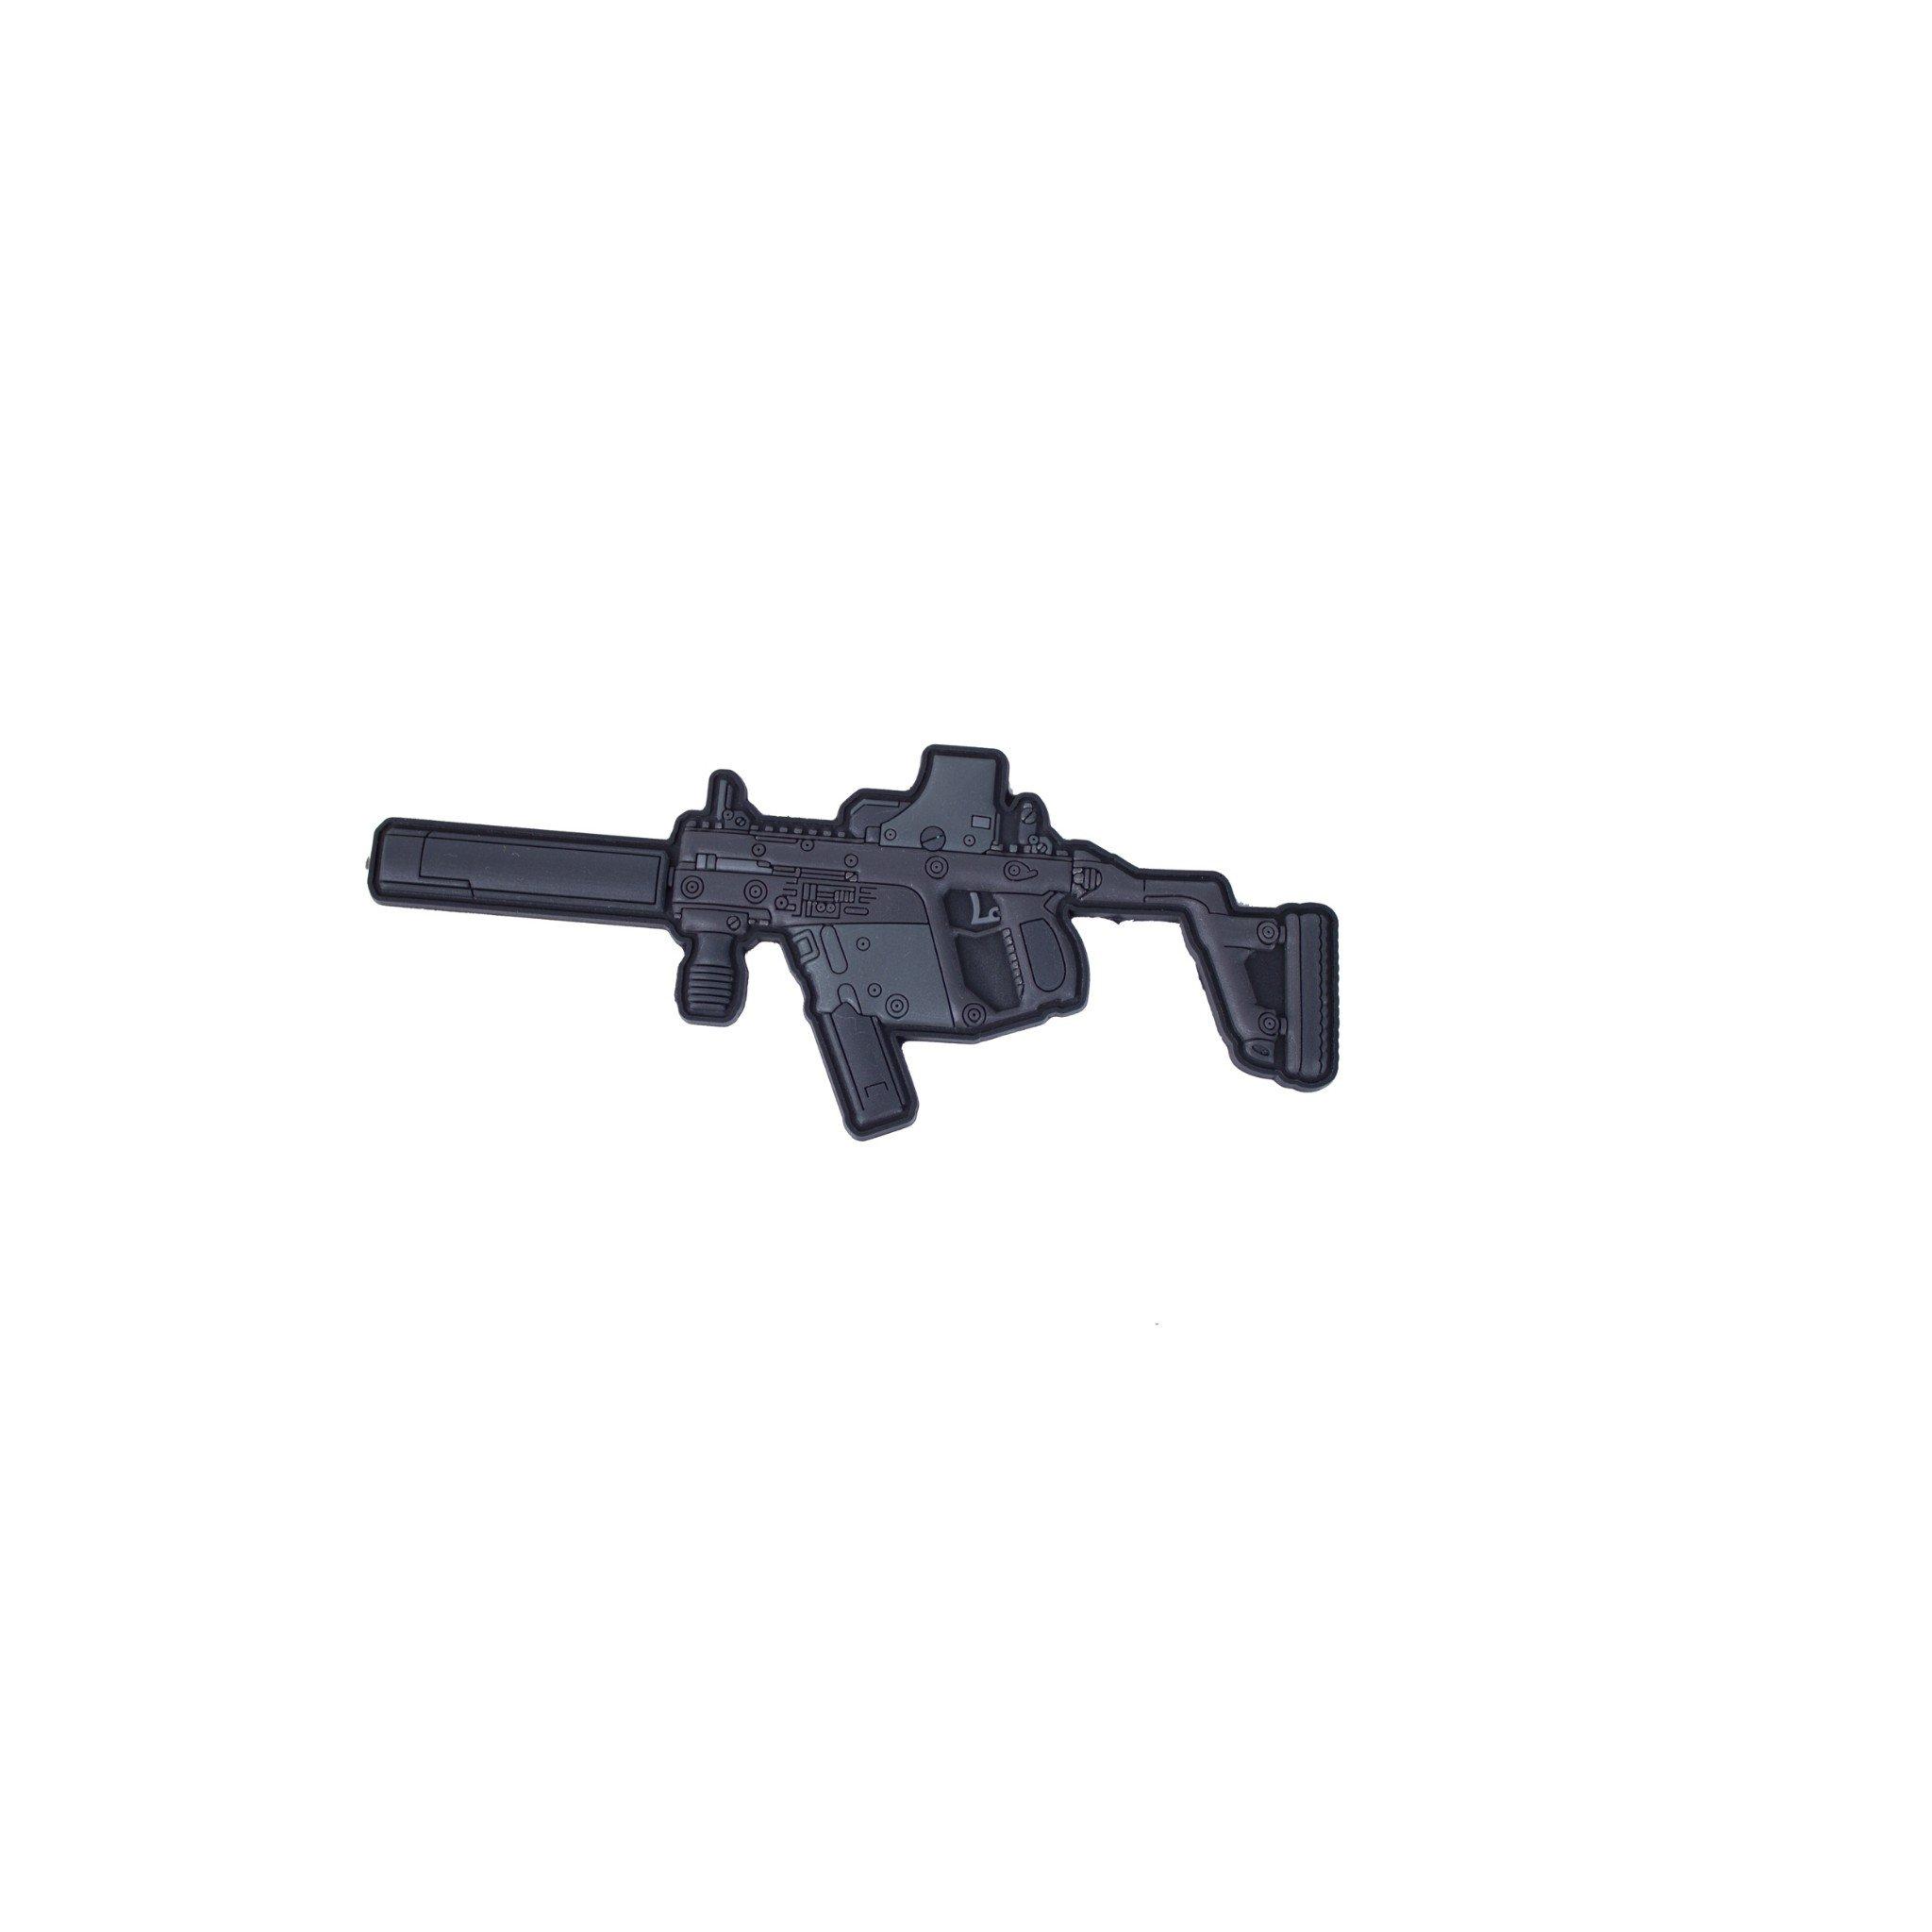 KRISS VECTOR GUN PATCH